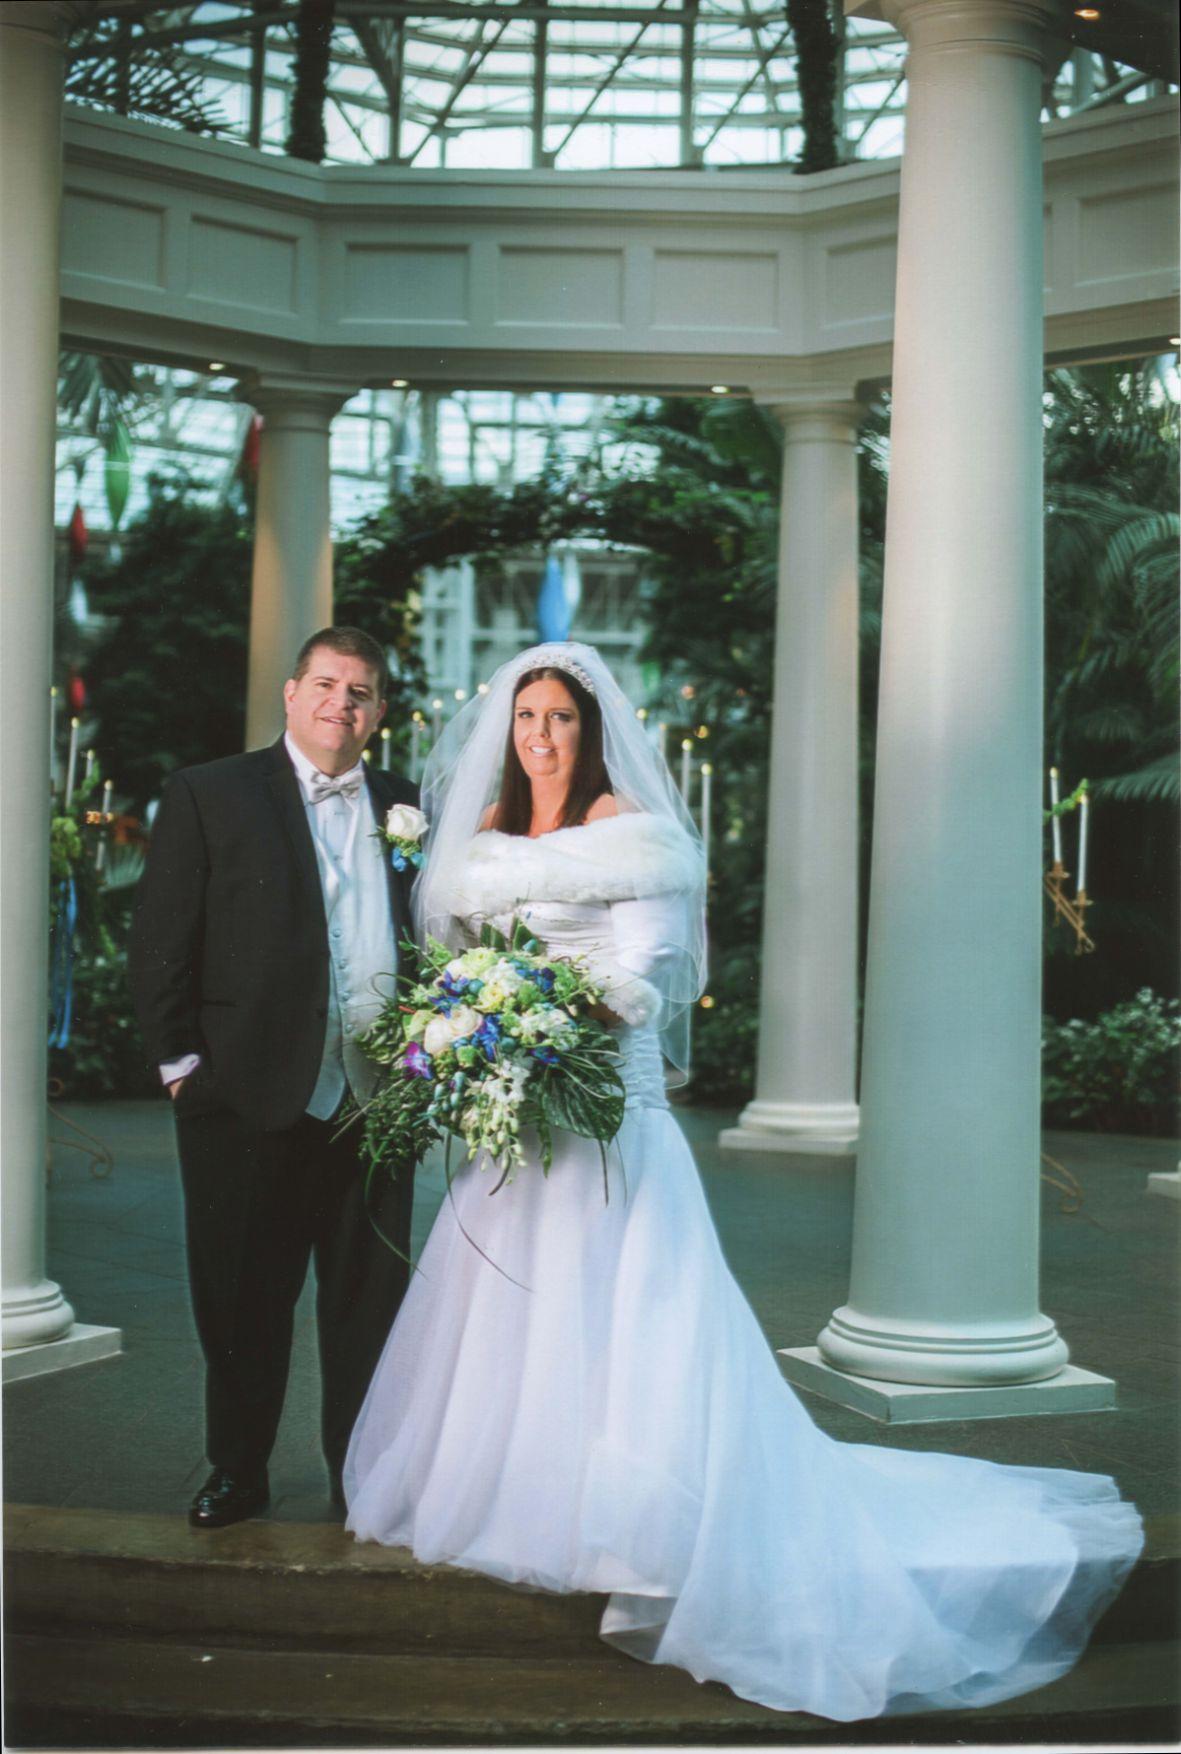 McElroy weds Ranney in Opryland Hotel ceremony | Bridal | parispi.net